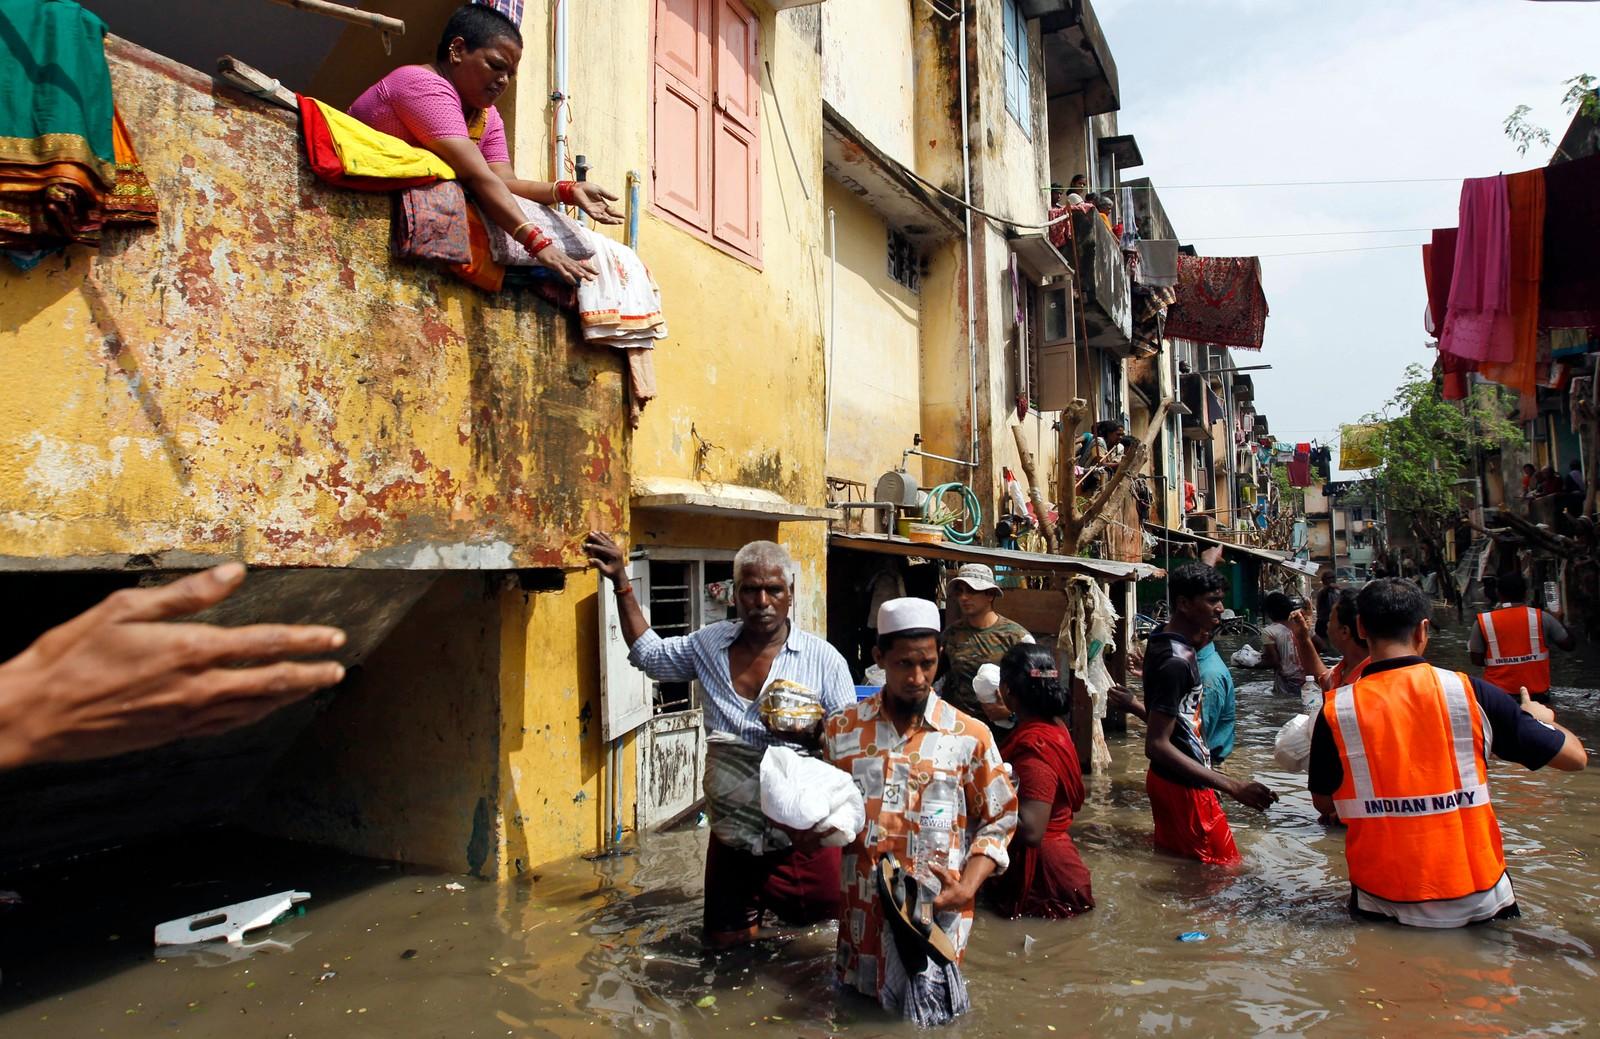 Flomrammede mennesker får matpakker av marinen. Dette er det kraftigste regnfallet på hundre år i delstaten Tamil Nadu i India.